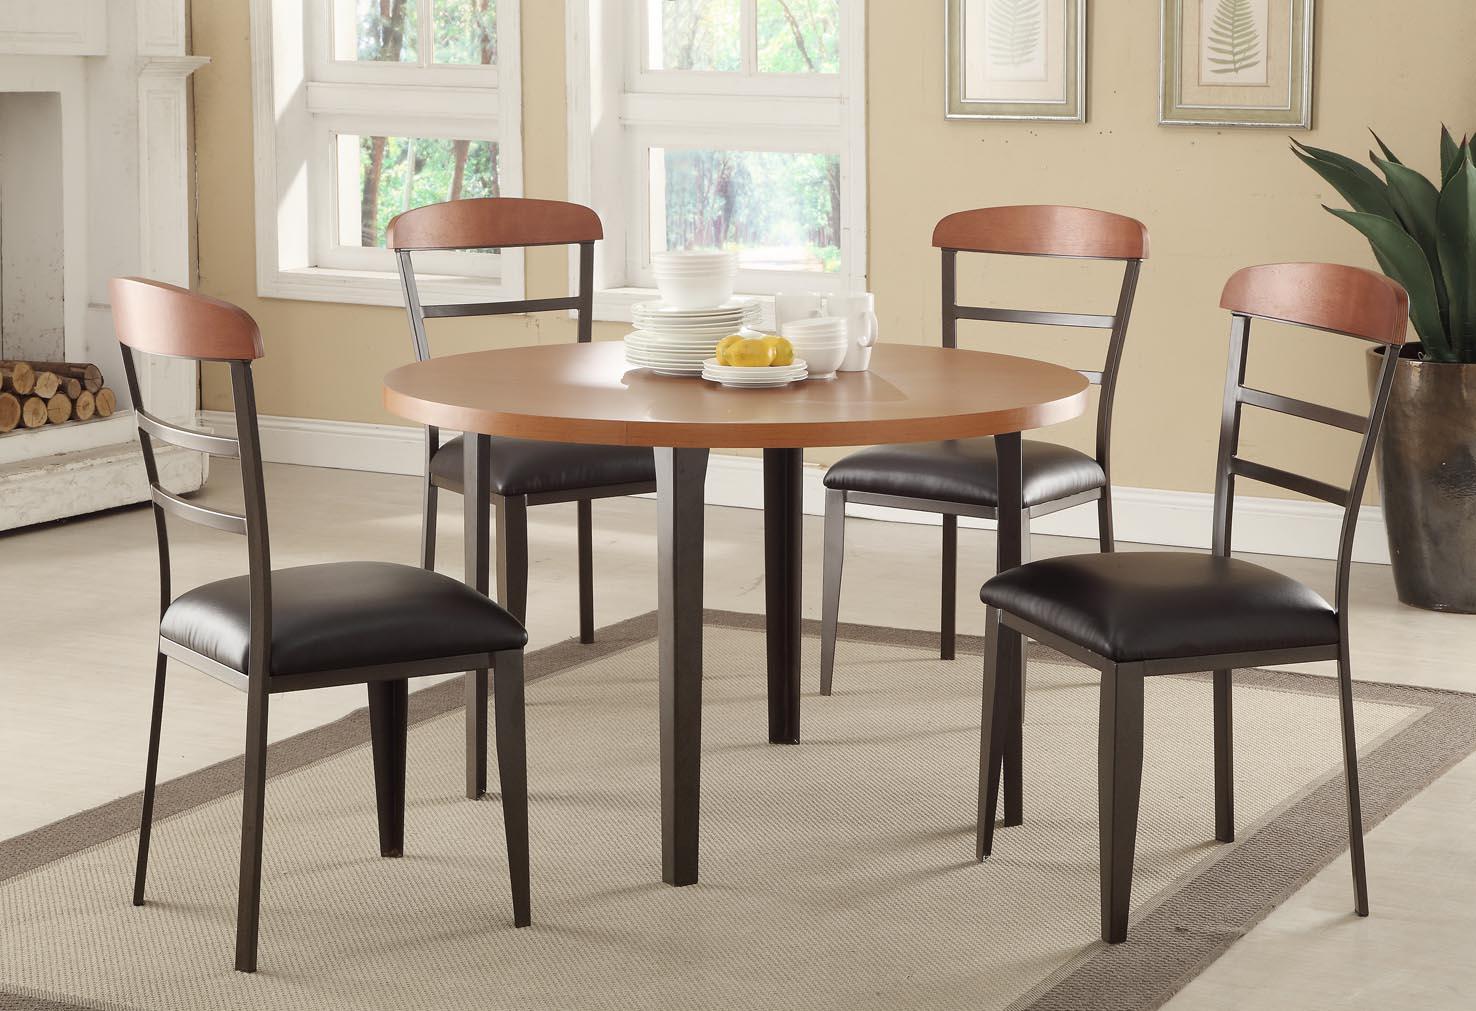 fængslende-ikea-spisestue-sæt-design-med-rund-rav-bord-og-ergonomiske-high-back-stole